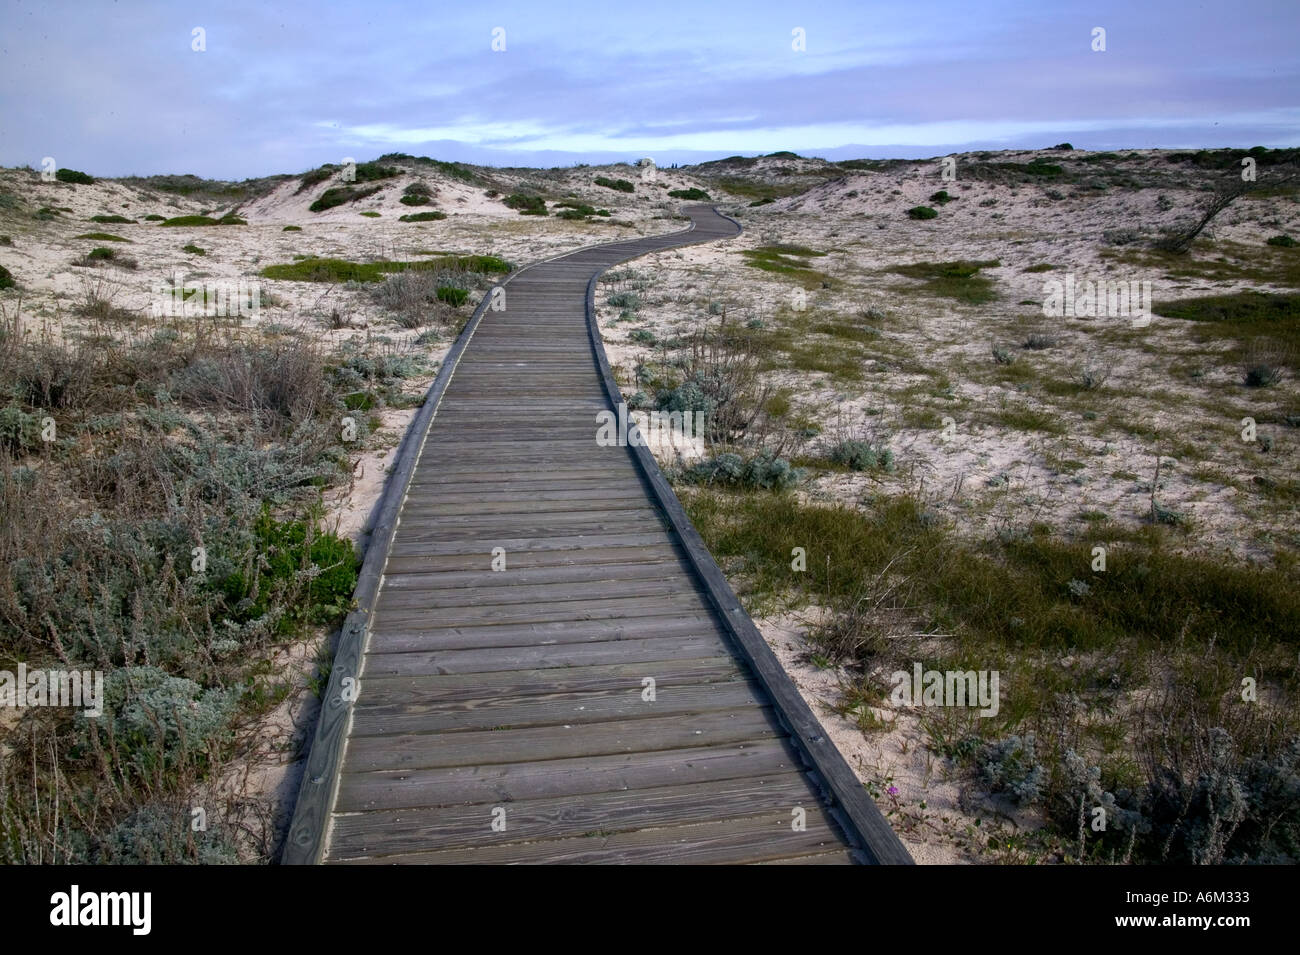 Boardwalk durch Dünen entlang der kalifornischen Küste in der Nähe von Carmel Stockfoto